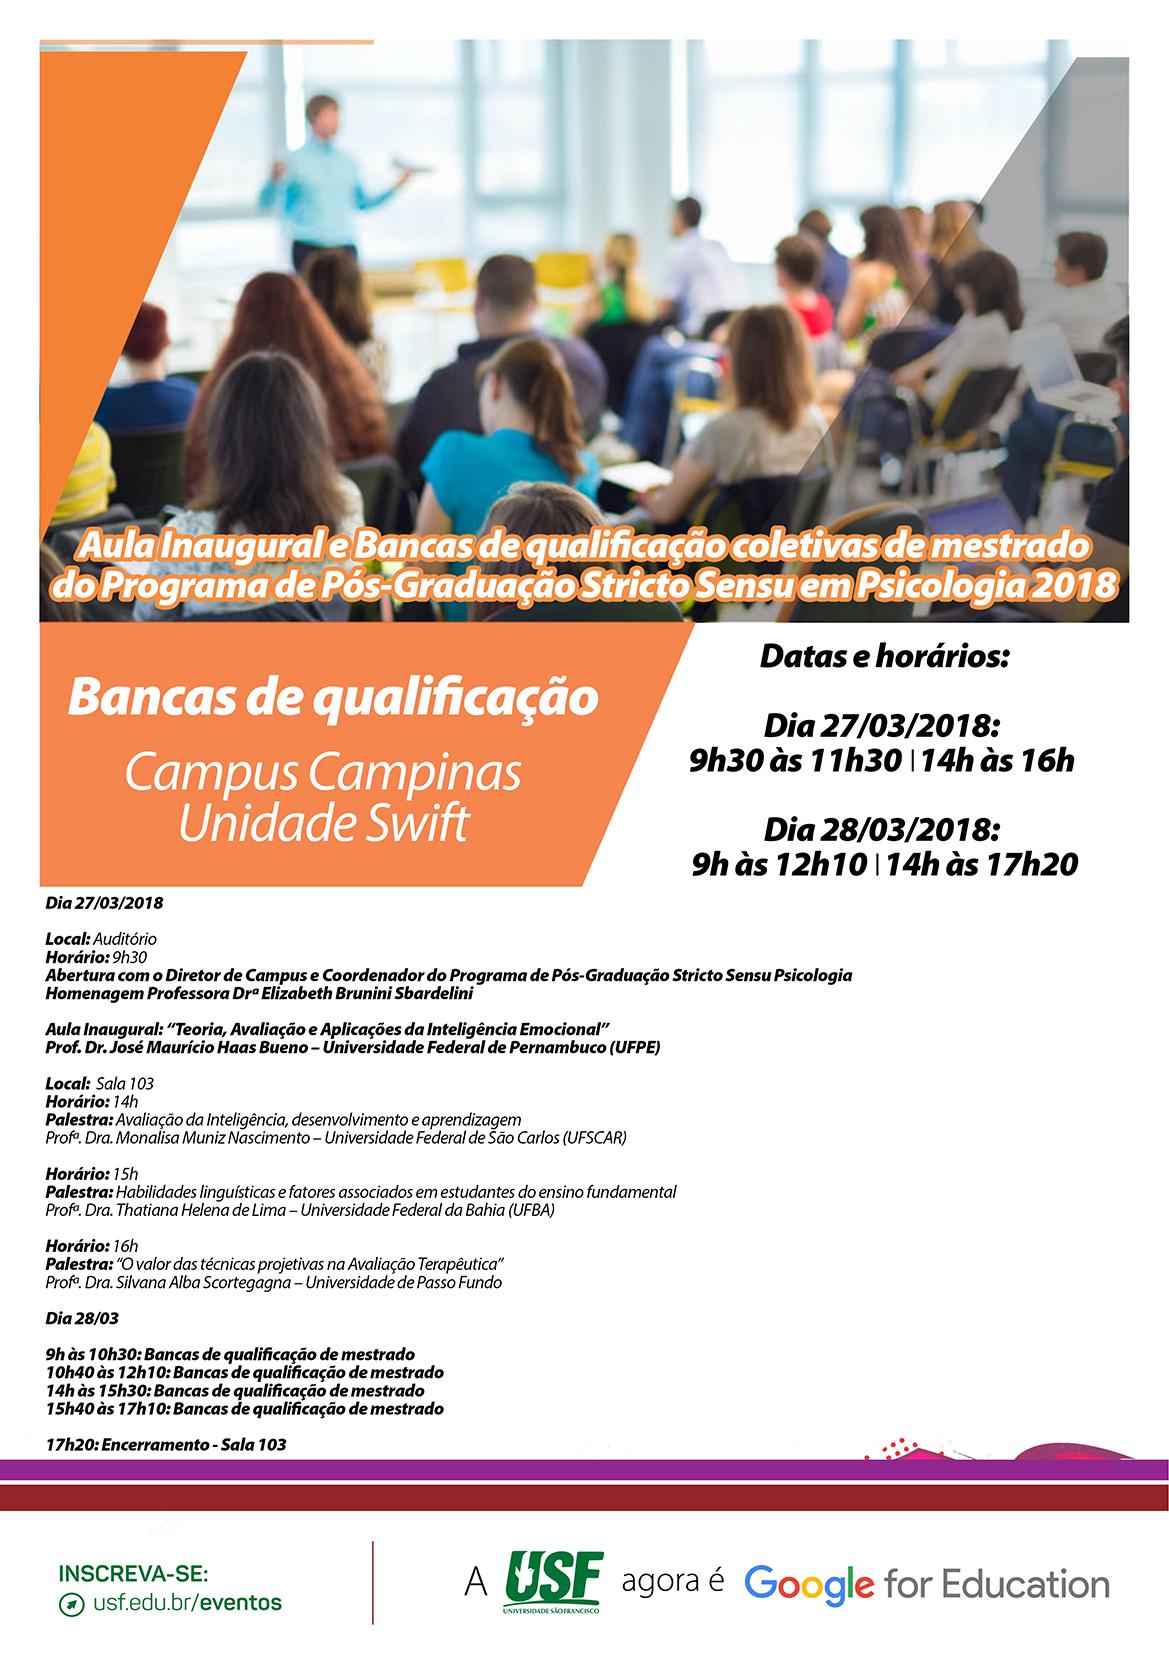 795915ba0c Aula Inaugural e Bancas de qualificação coletivas de mestrado do Programa  de Pós-Graduação Stricto Sensu em Psicologia 2018